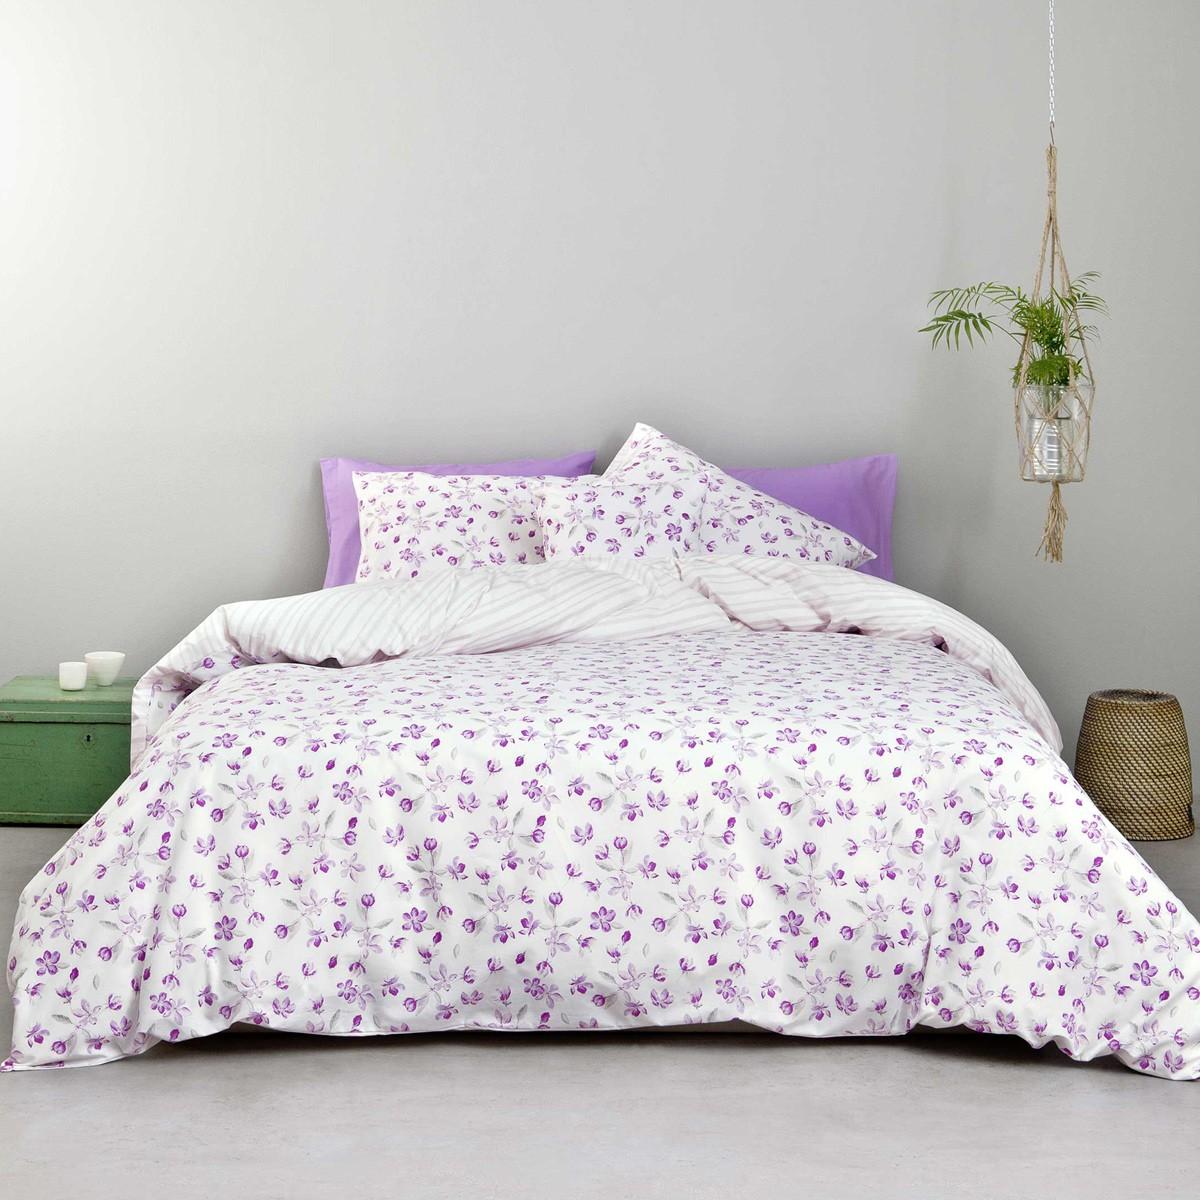 Κουβερλί Υπέρδιπλο Nima Bed Linen Water Lily Lilac